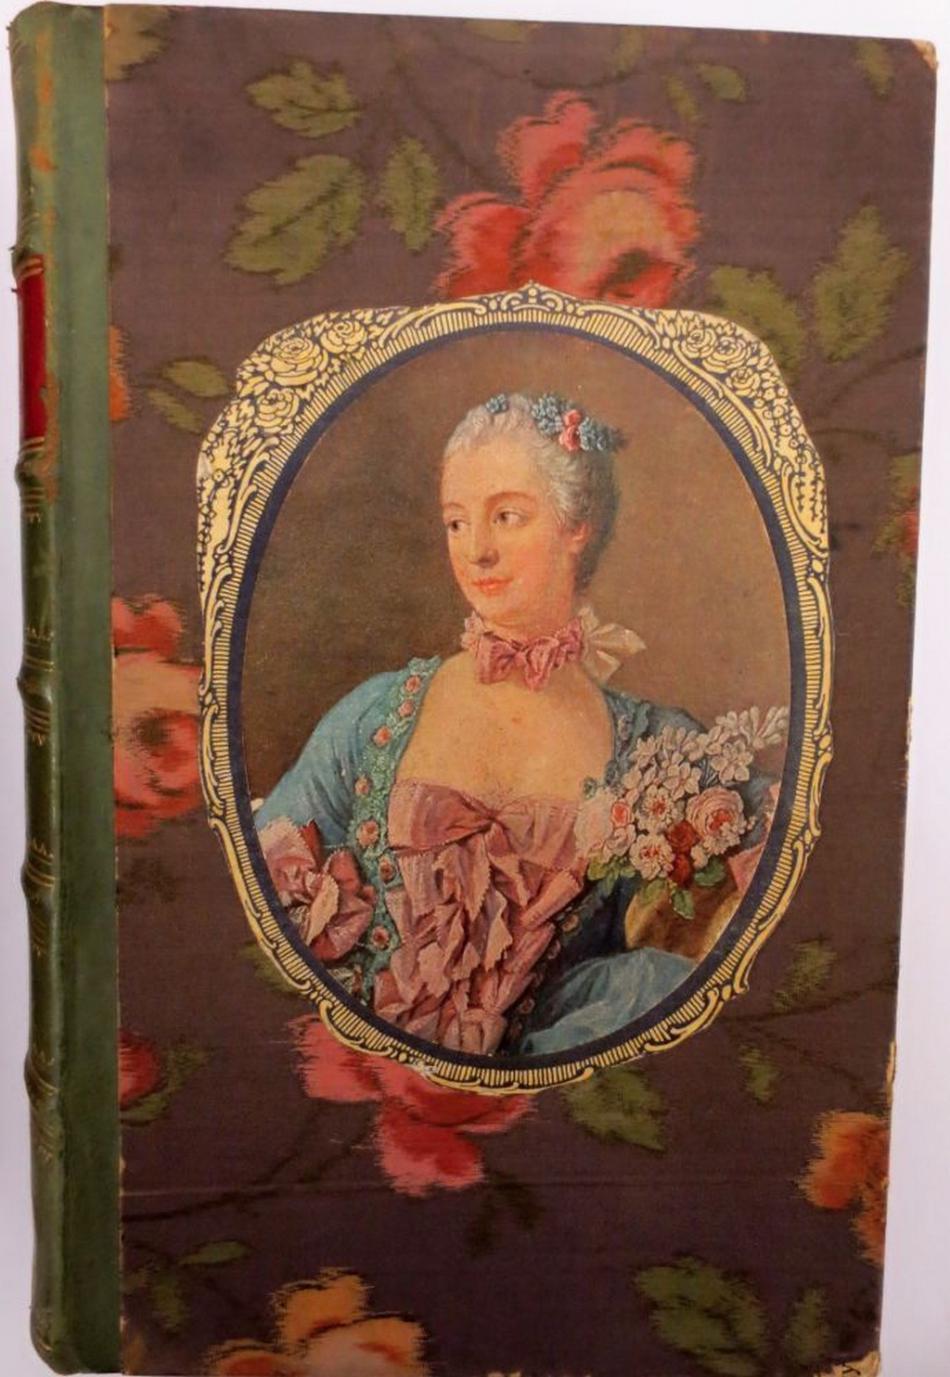 Kniha ze sbírek Emy Destinové